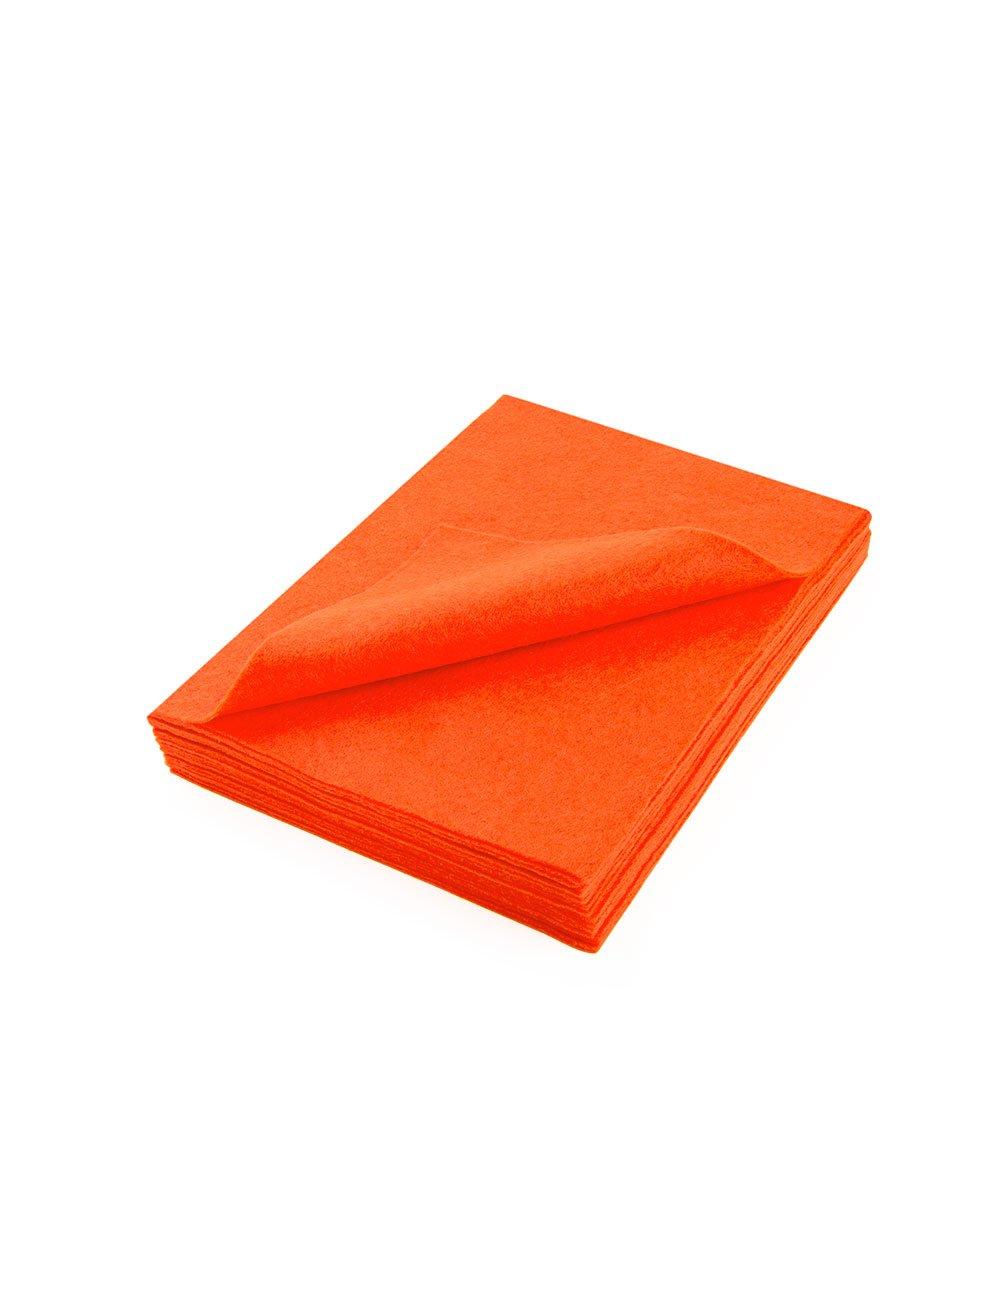 """Acrylic Felt Sheet 9"""" X 12"""": 25 PCS, Neon Orange The Felt Store"""